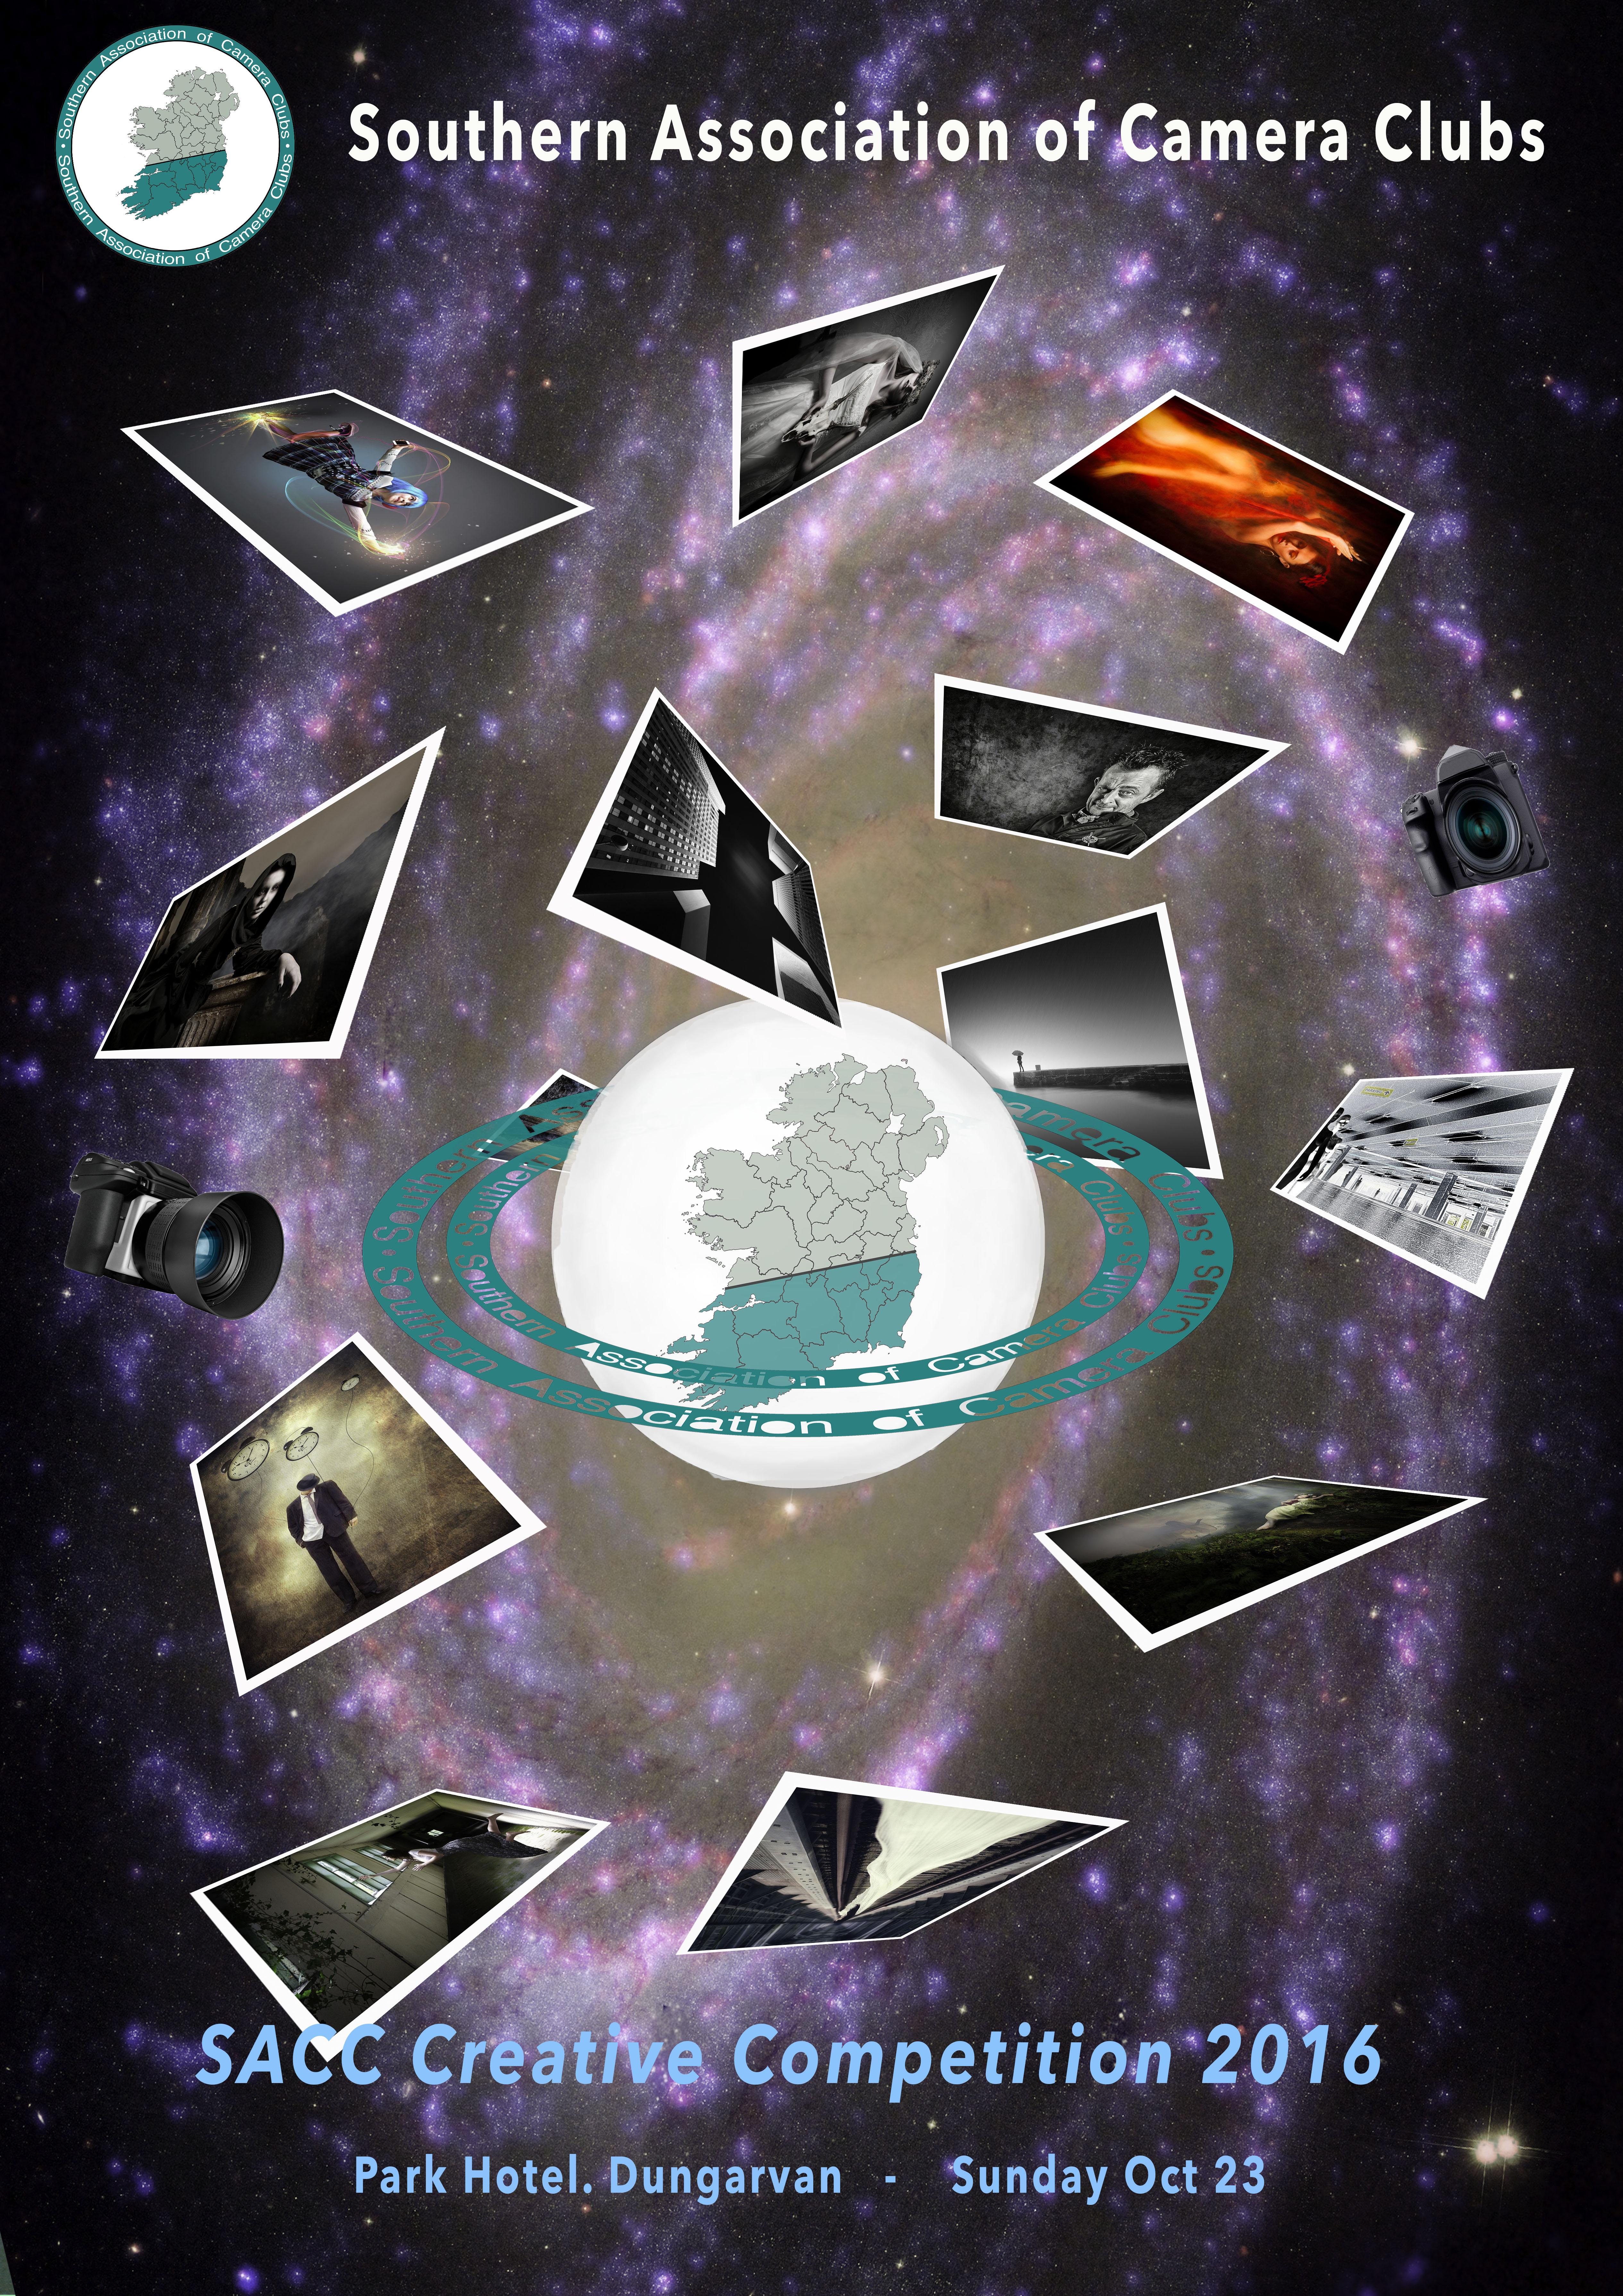 sacc-creative-competiton-poster-2016-ver-2-1-web